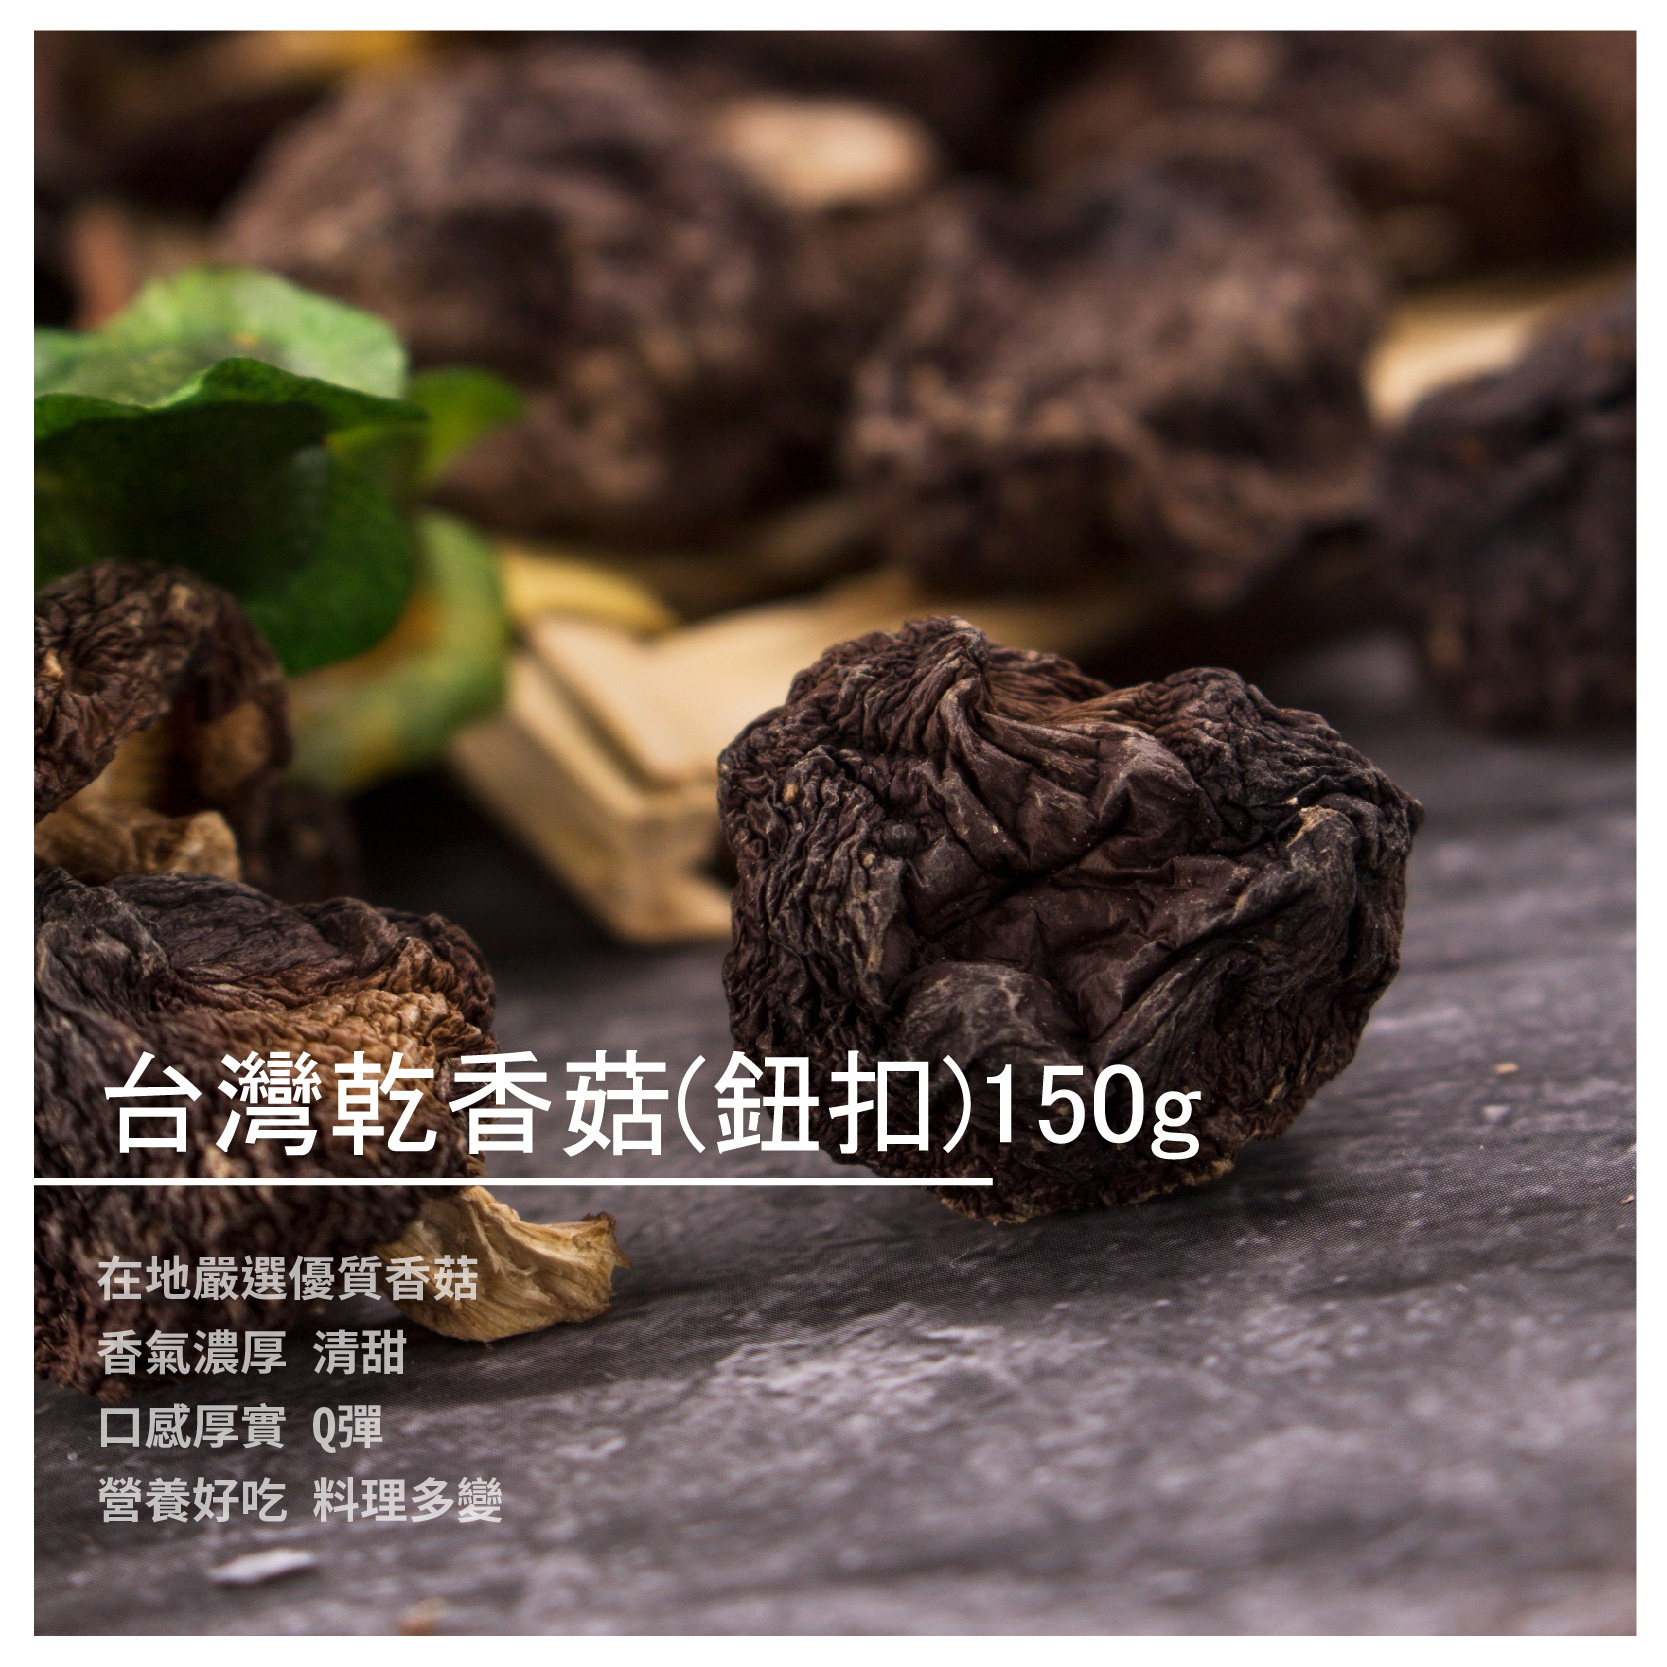 【家和興】台灣乾香菇(鈕扣菇)-150g